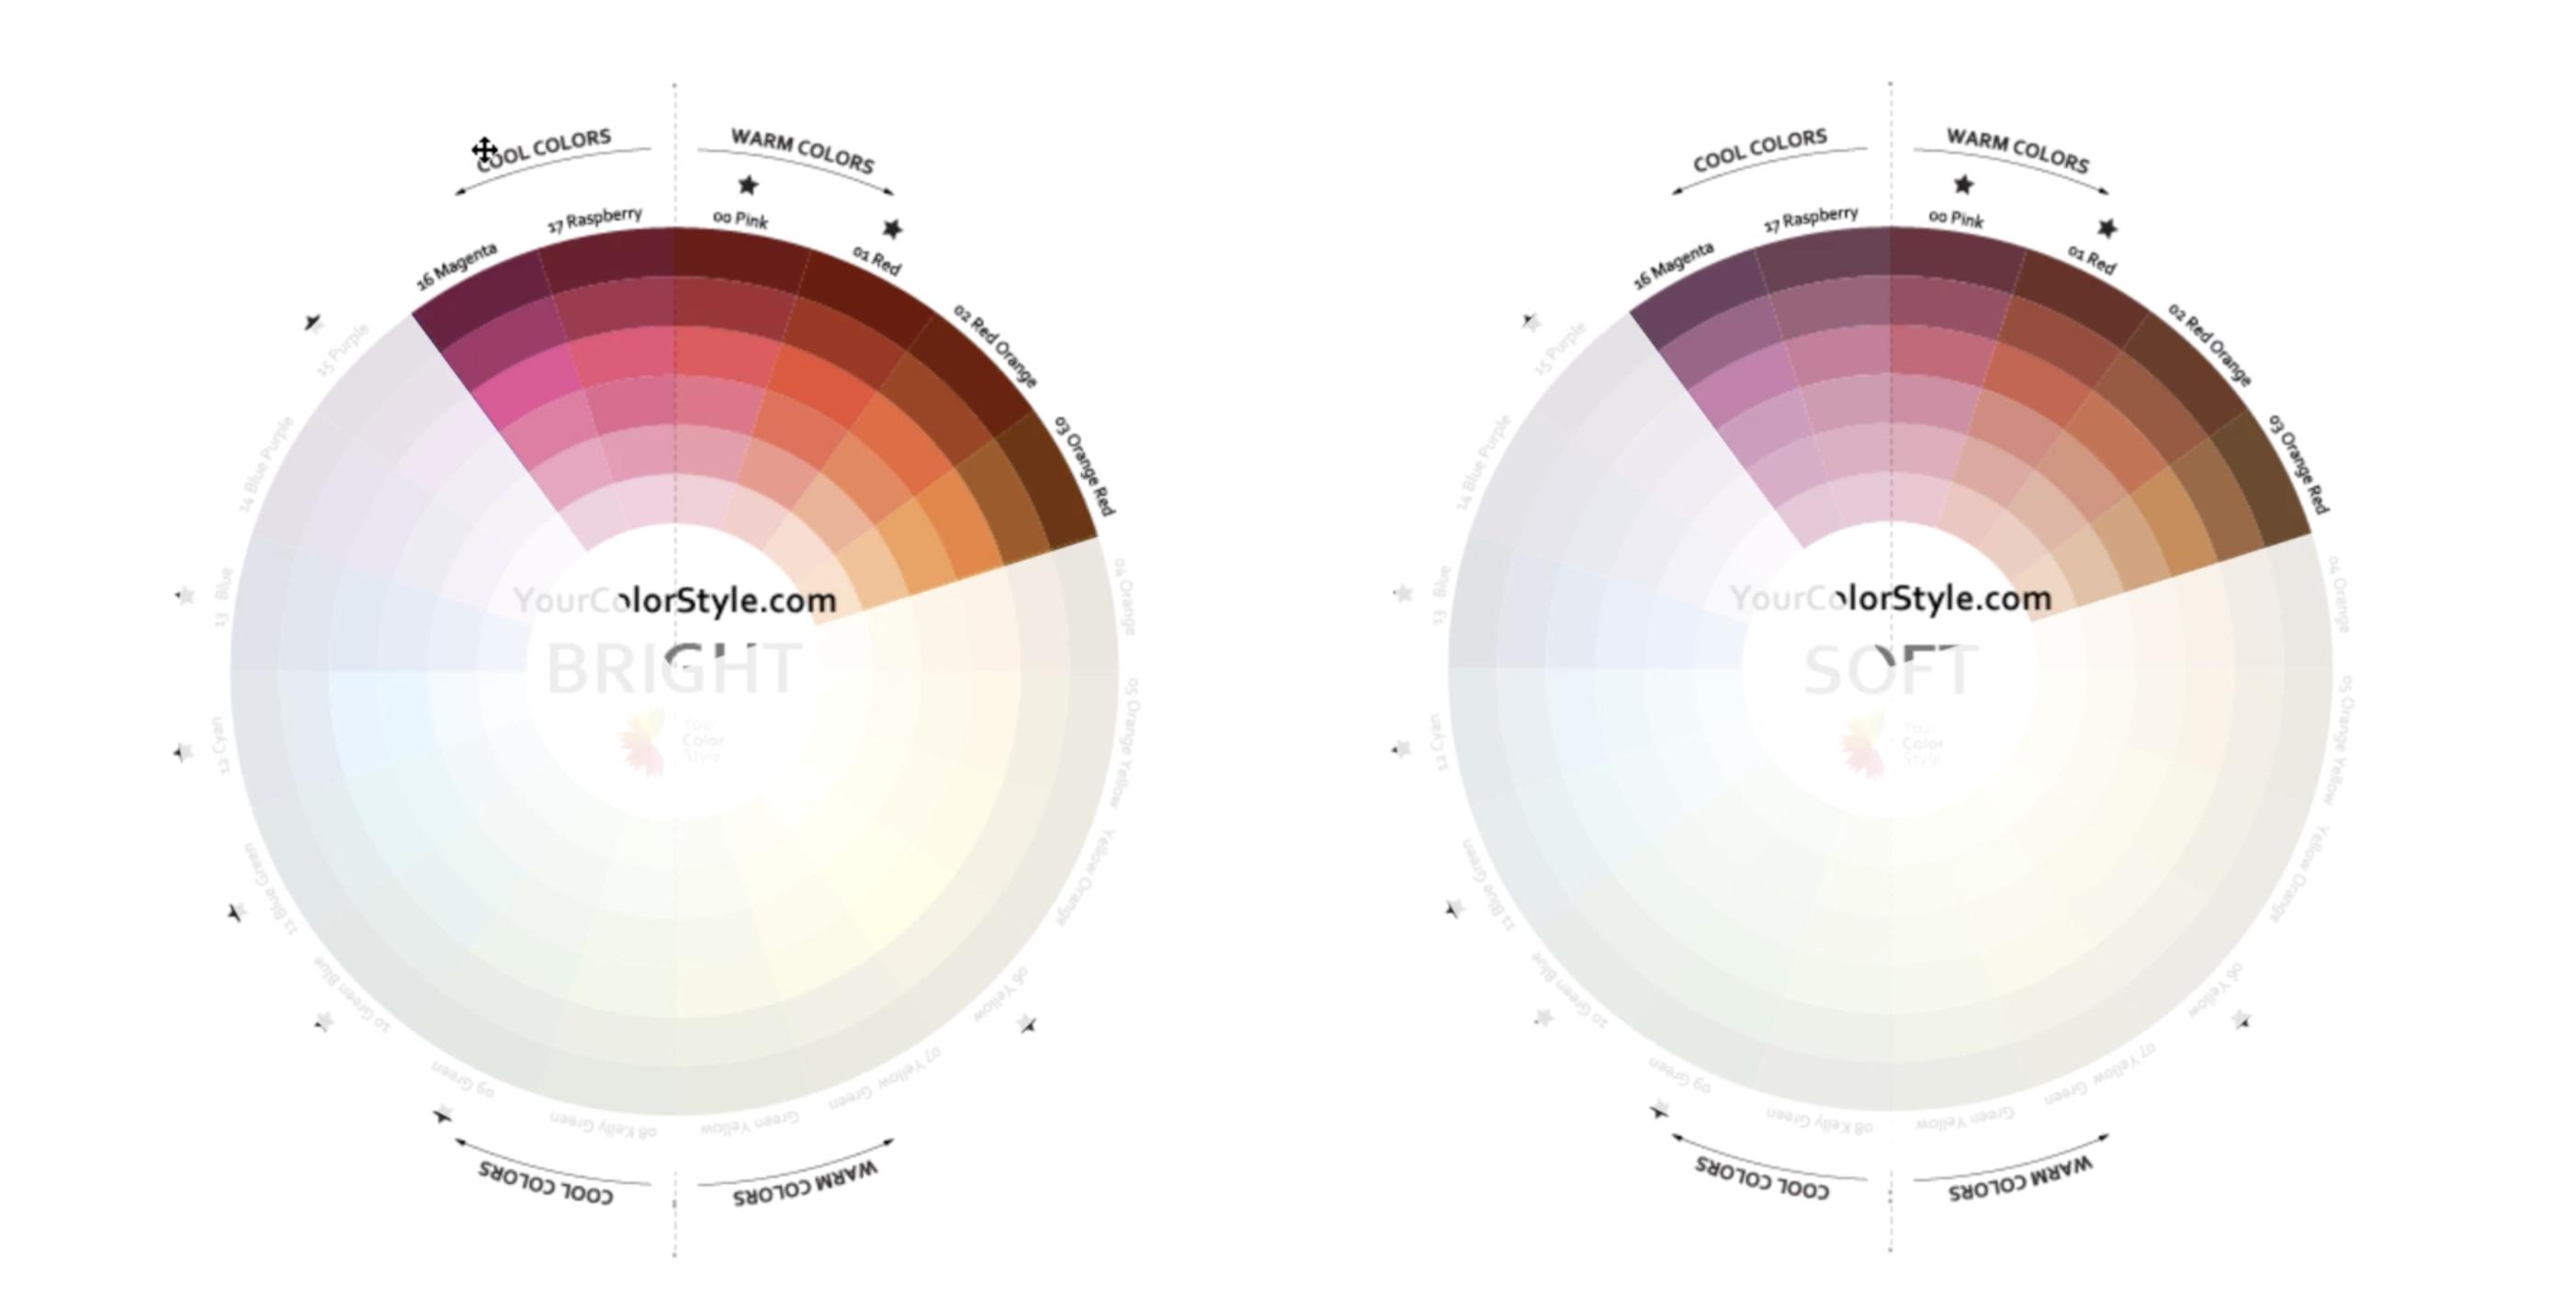 Blushing Colors Explained